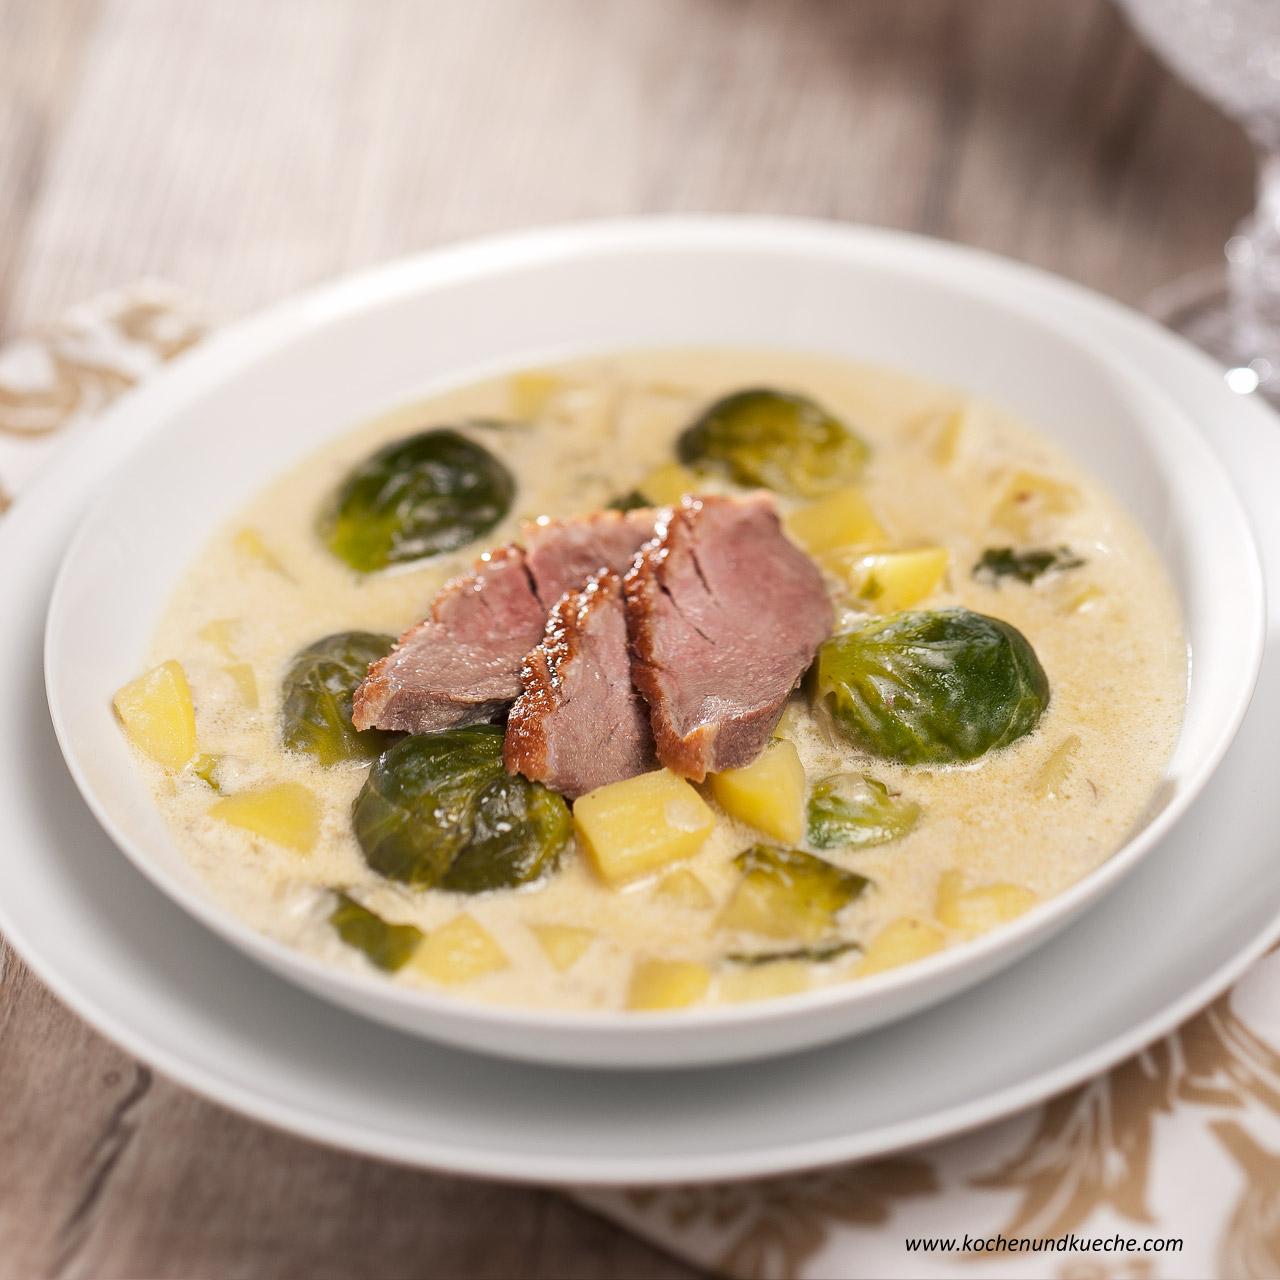 Wärmende Suppen & Eintöpfe » Kochrezepte von Kochen & Küche